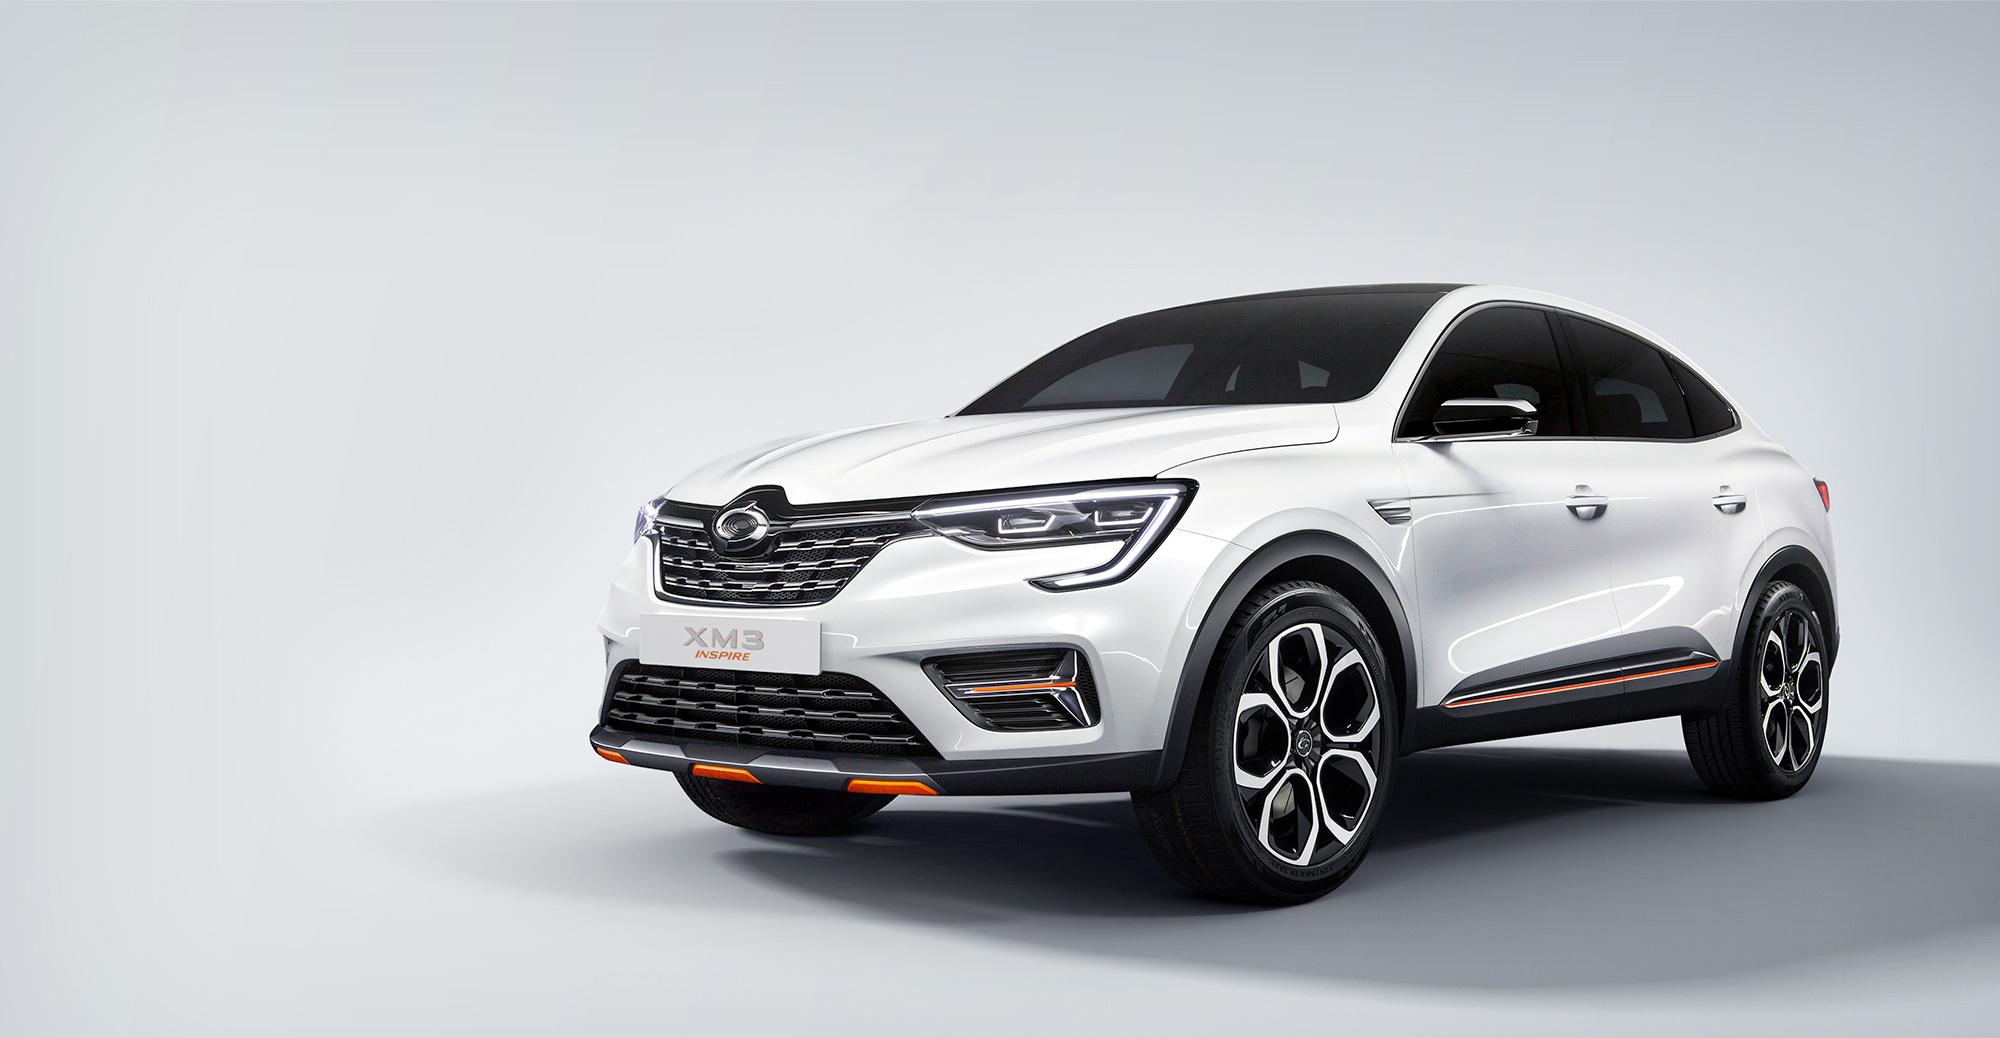 Рено Аркана на рынке Кореи будет выпускаться как Renault Samsung XM3 Inspire